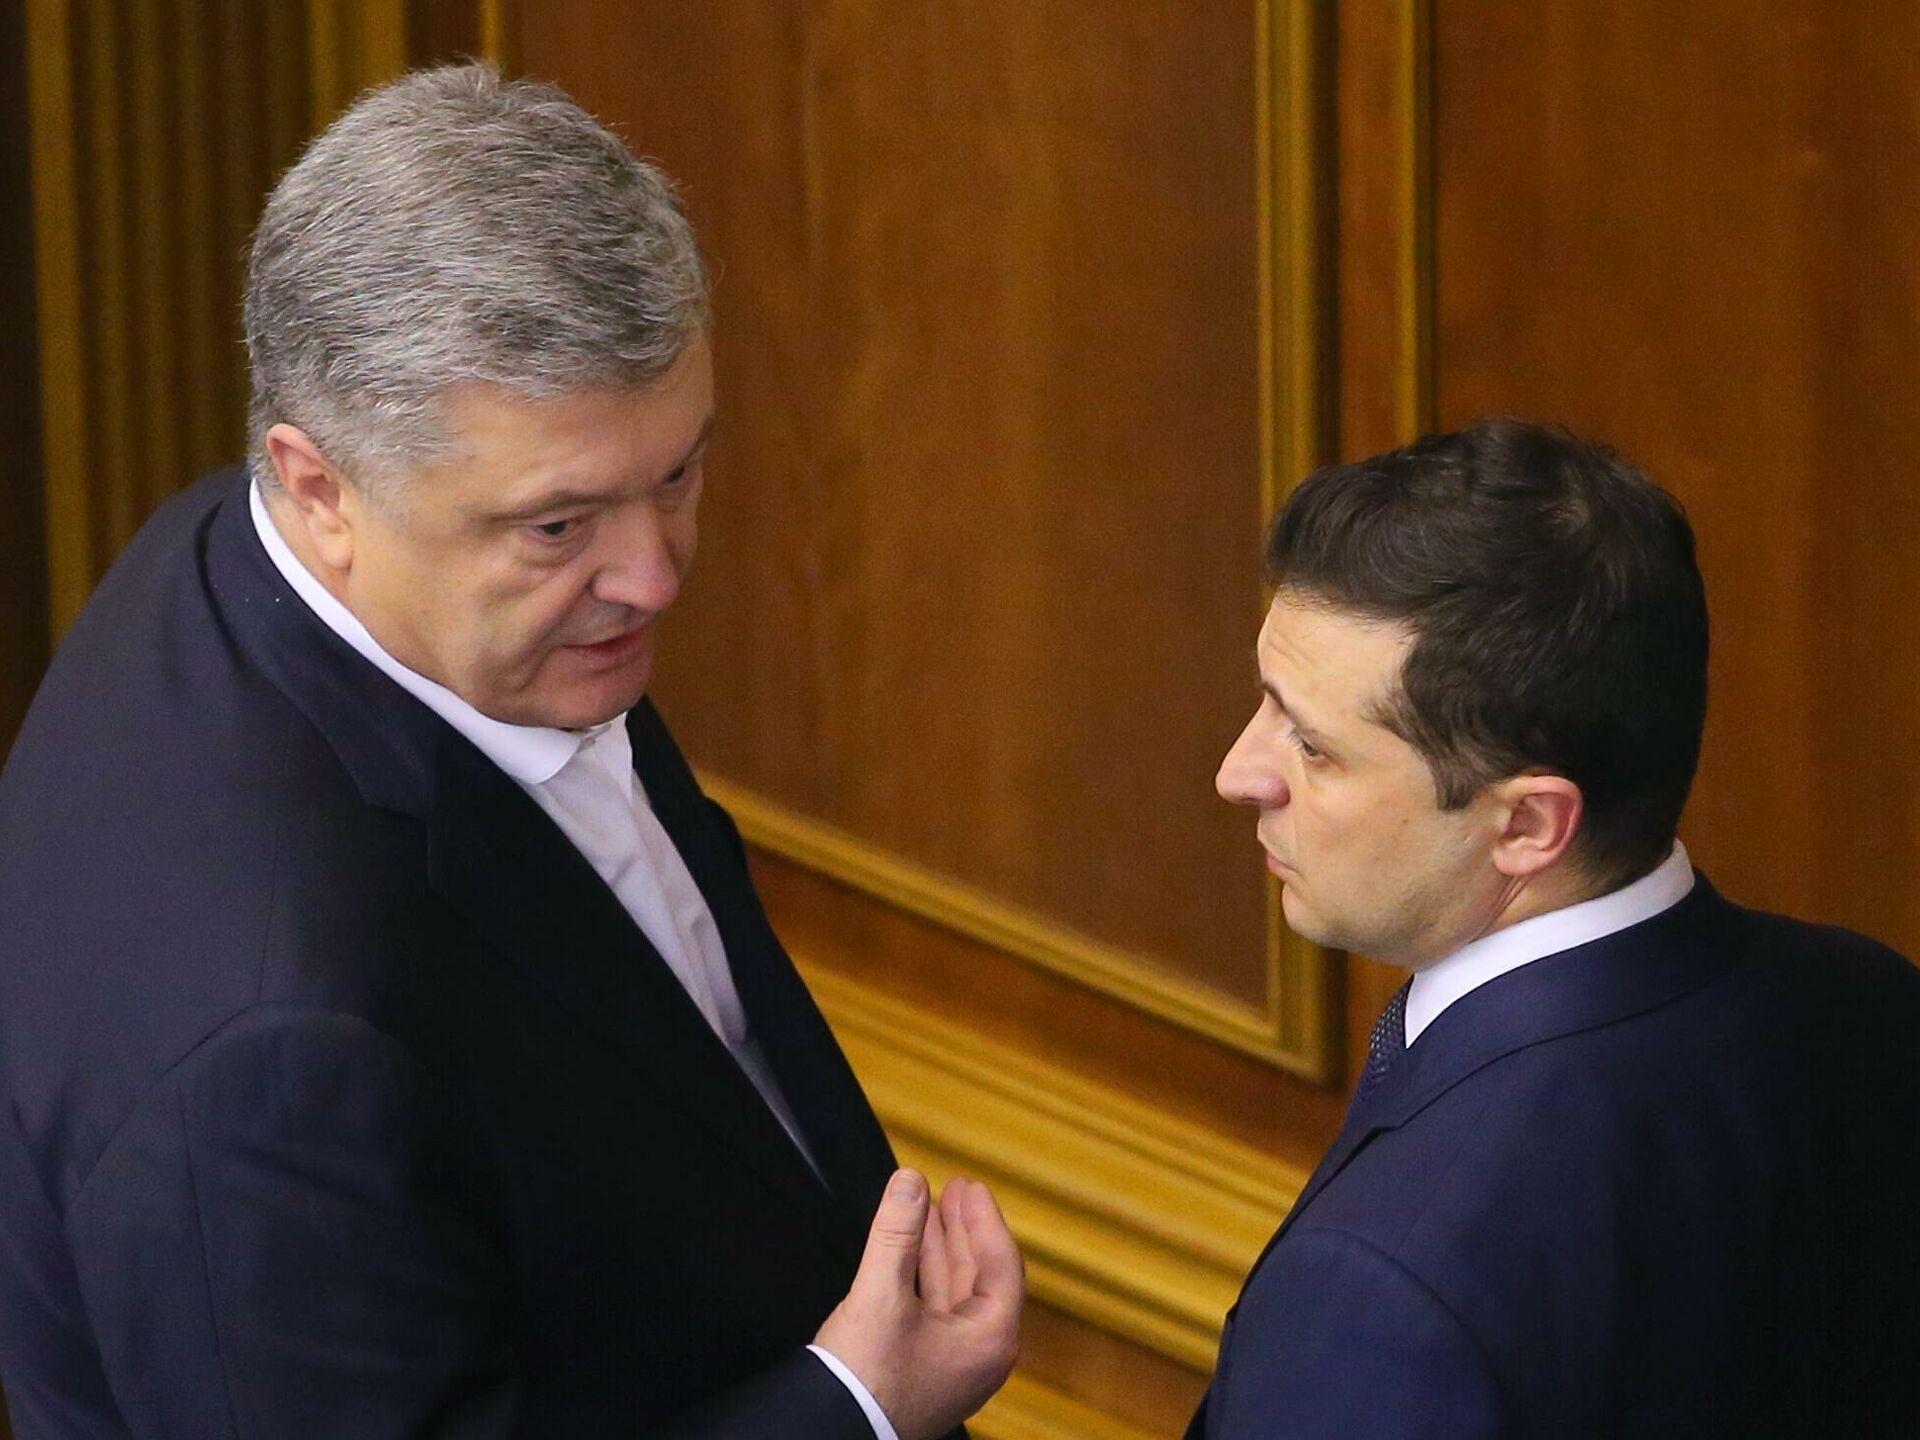 """Зеленский ответил Порошенко из-за безвиза: """"Он до сих пор считает себя монархом Украины"""""""